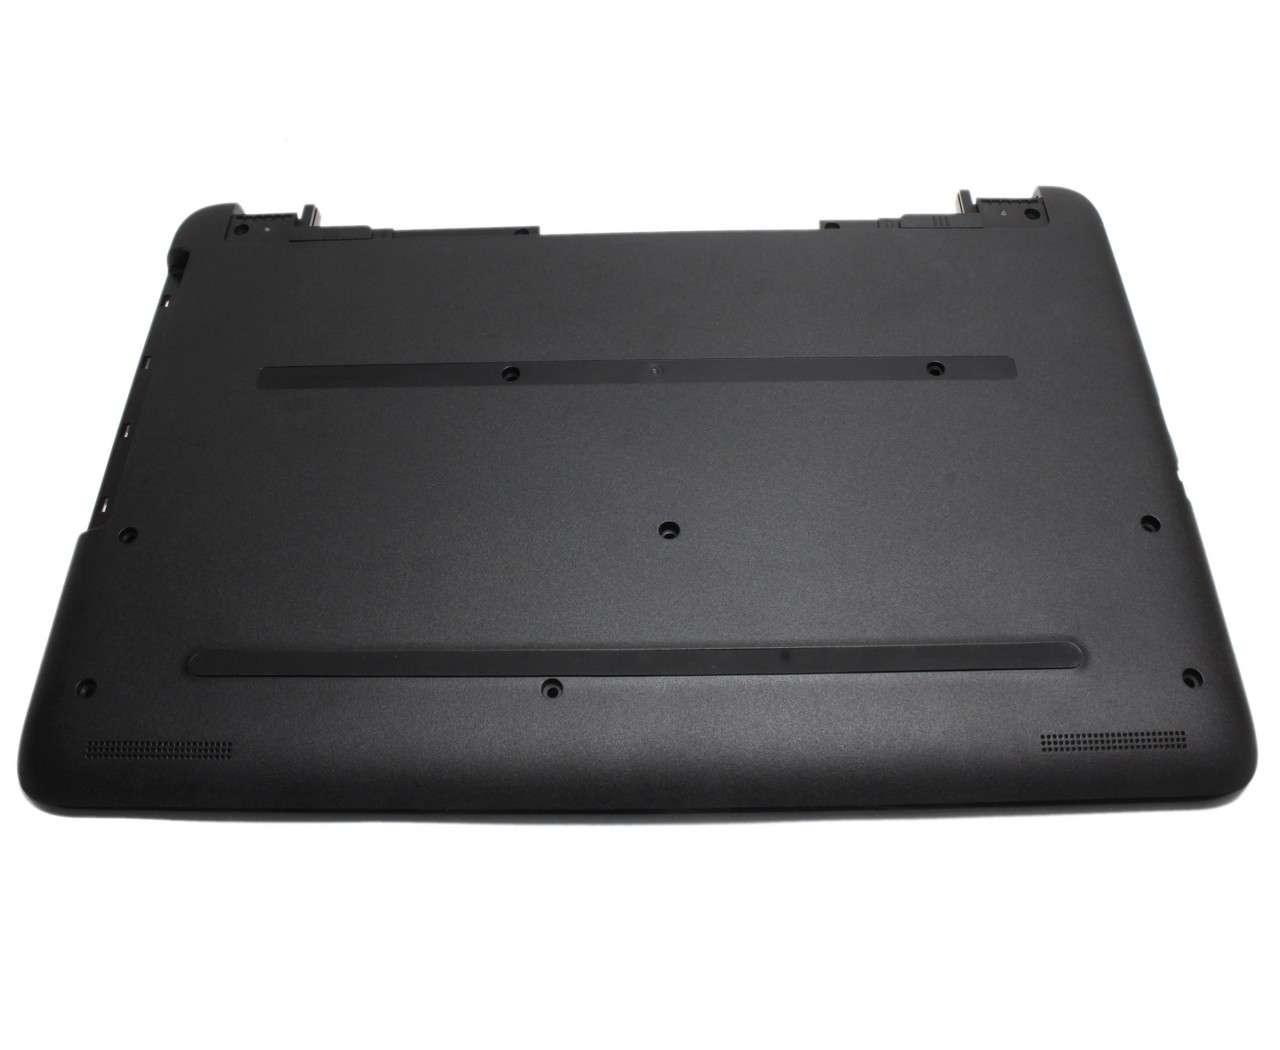 Bottom Case HP 813939-001 Carcasa Inferioara Neagra imagine powerlaptop.ro 2021